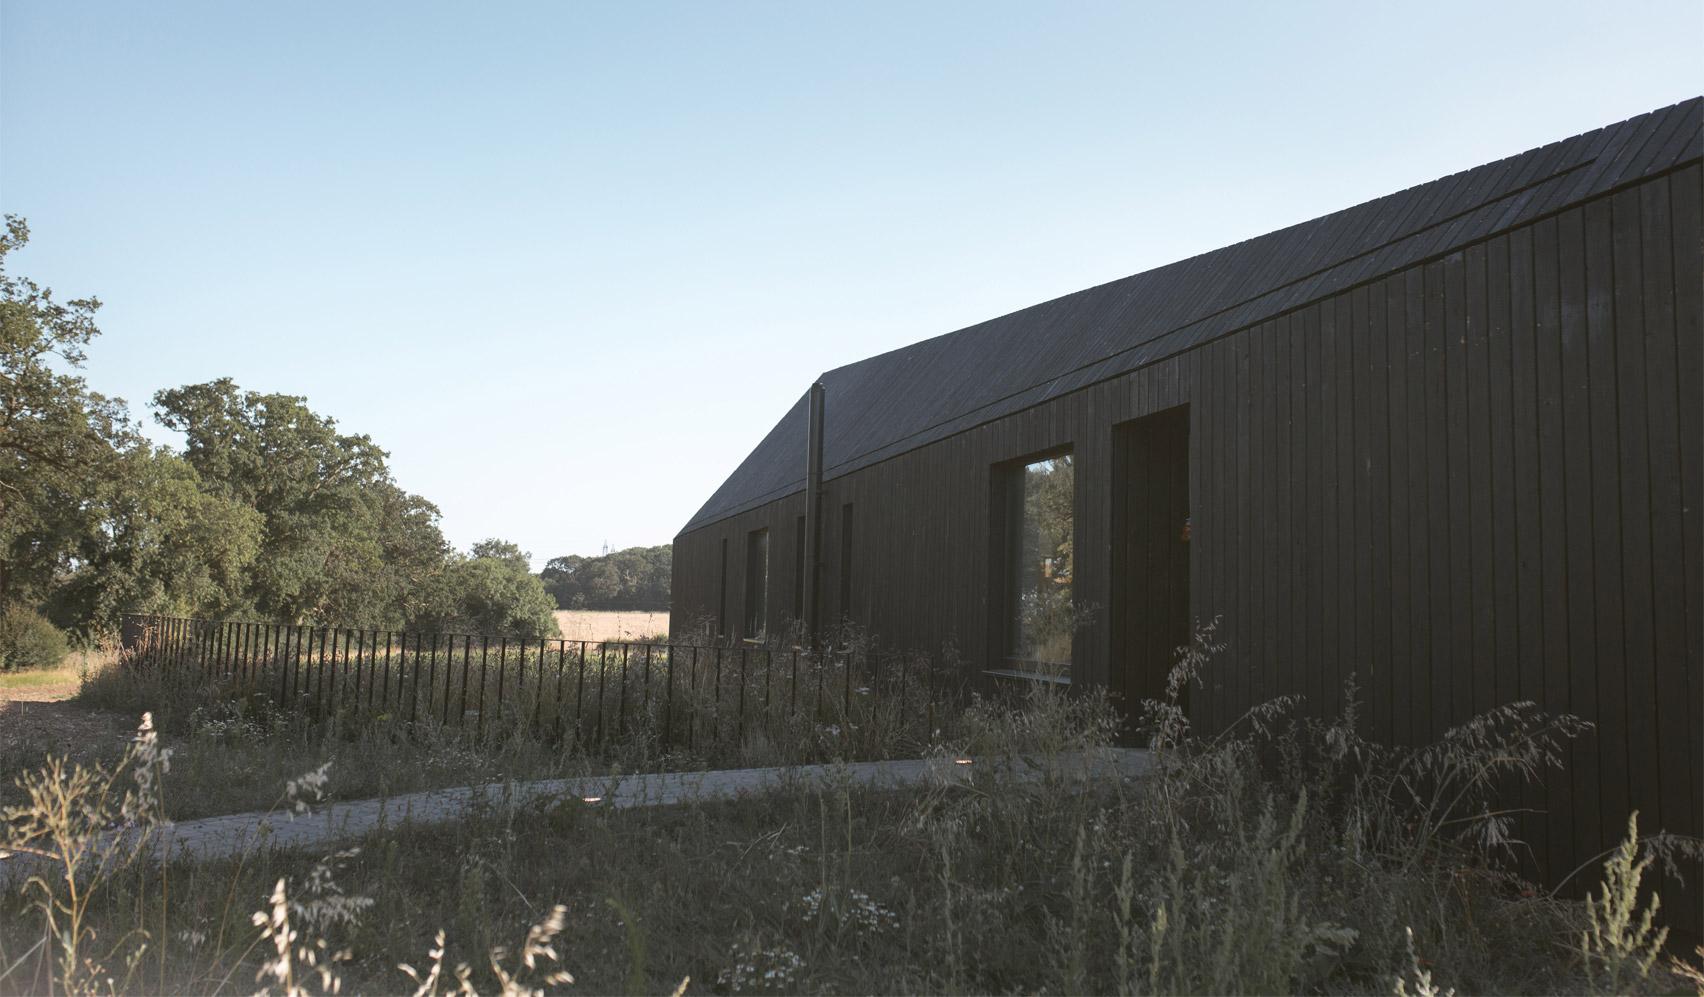 Dom jak czarna stodoła